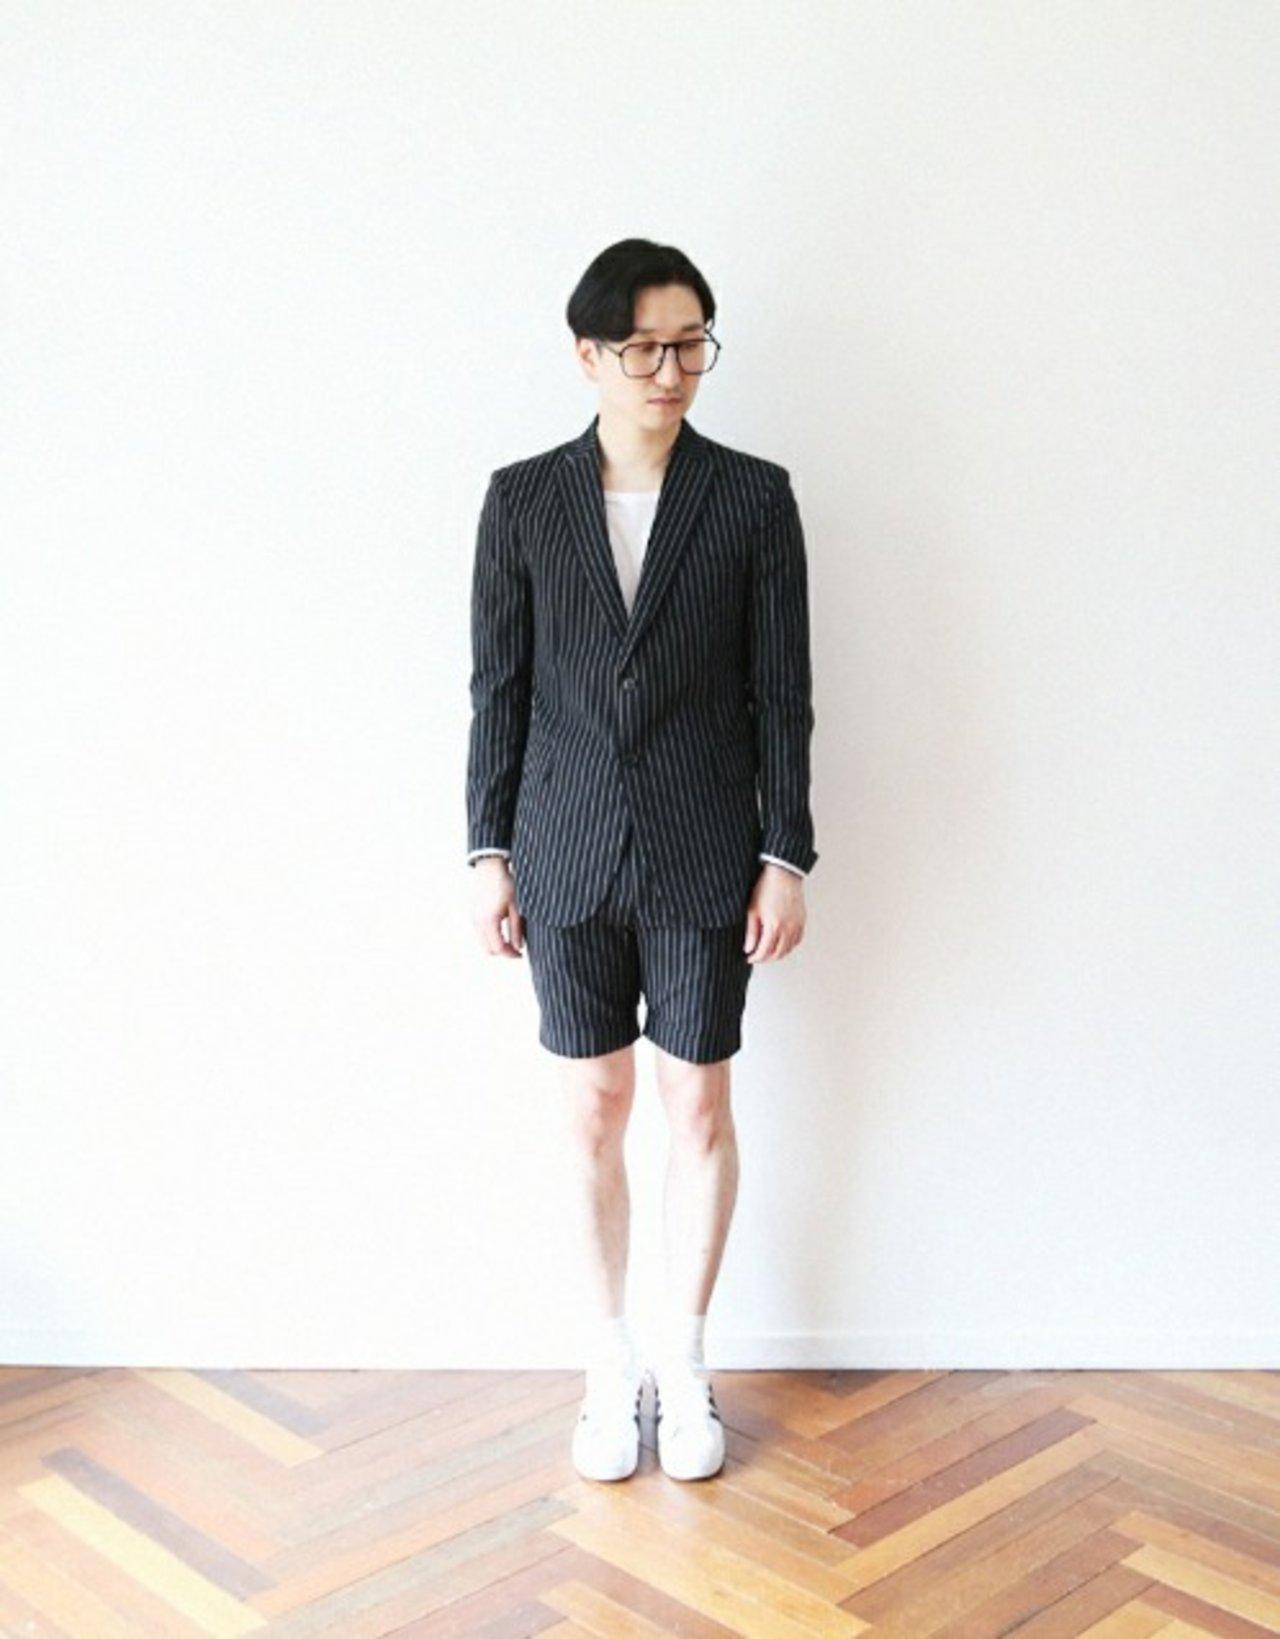 簡單圖樣的套裝不會顯得太超過,可以算是男生普遍可以駕馭的基本造型